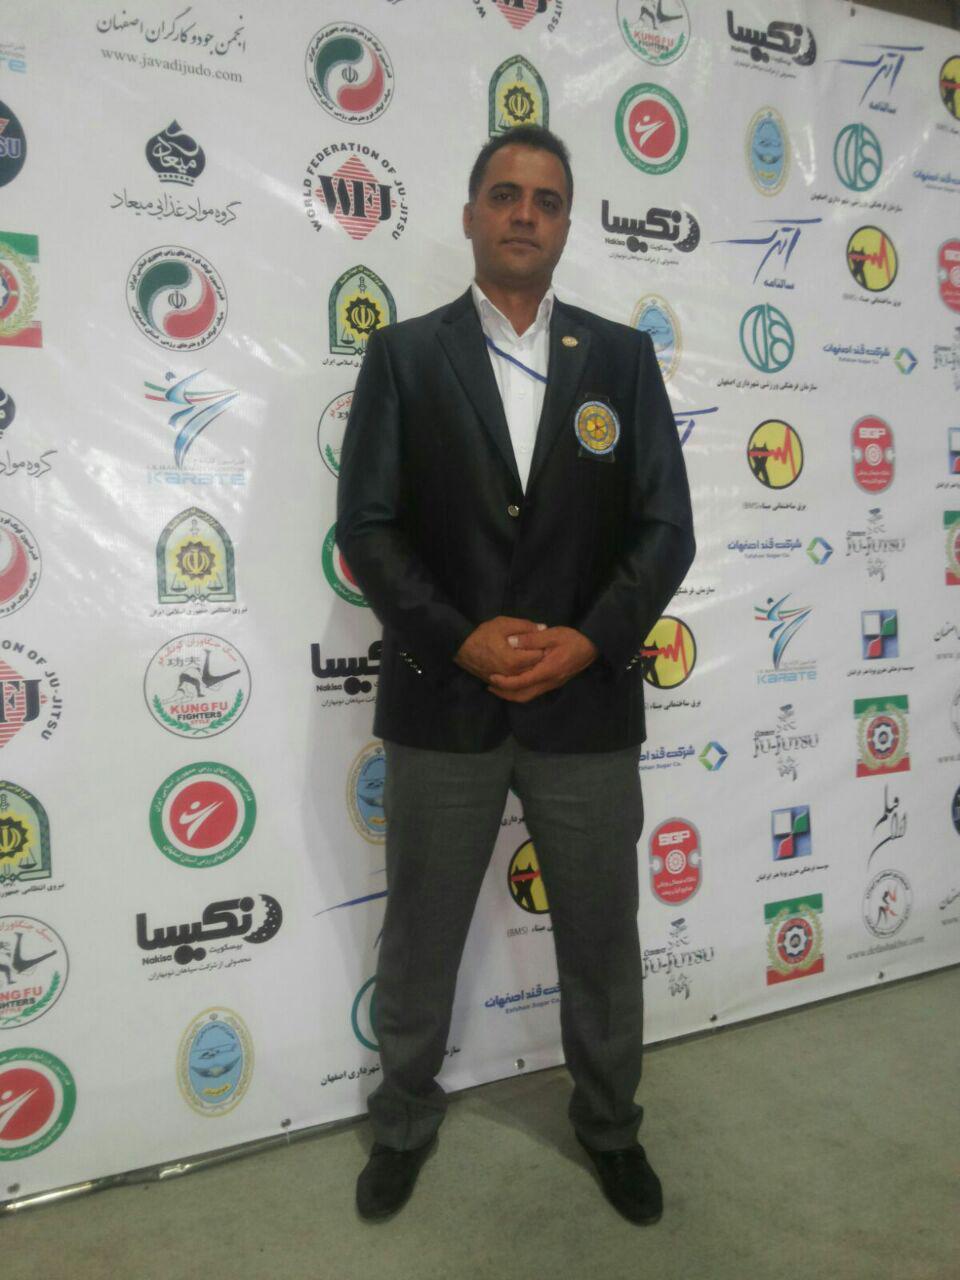 کسب مدرک داوری ممتاز ملی کاراته کا رفسنجانی در مسابقات کشوری